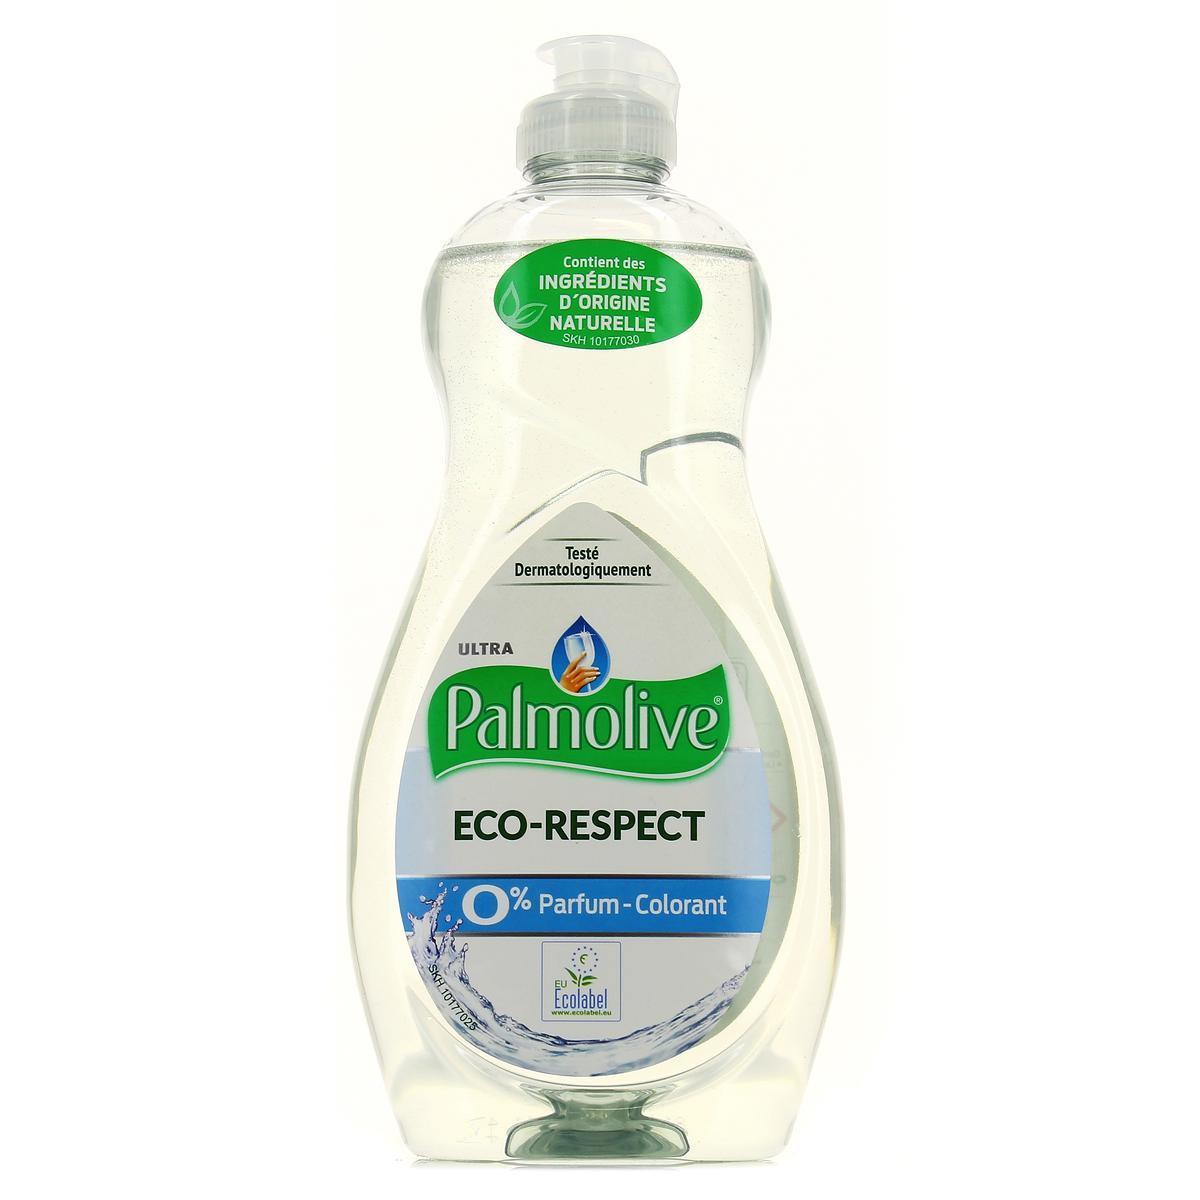 Liquide vaisselle éco respect 0%, Palmolive (500 ml)